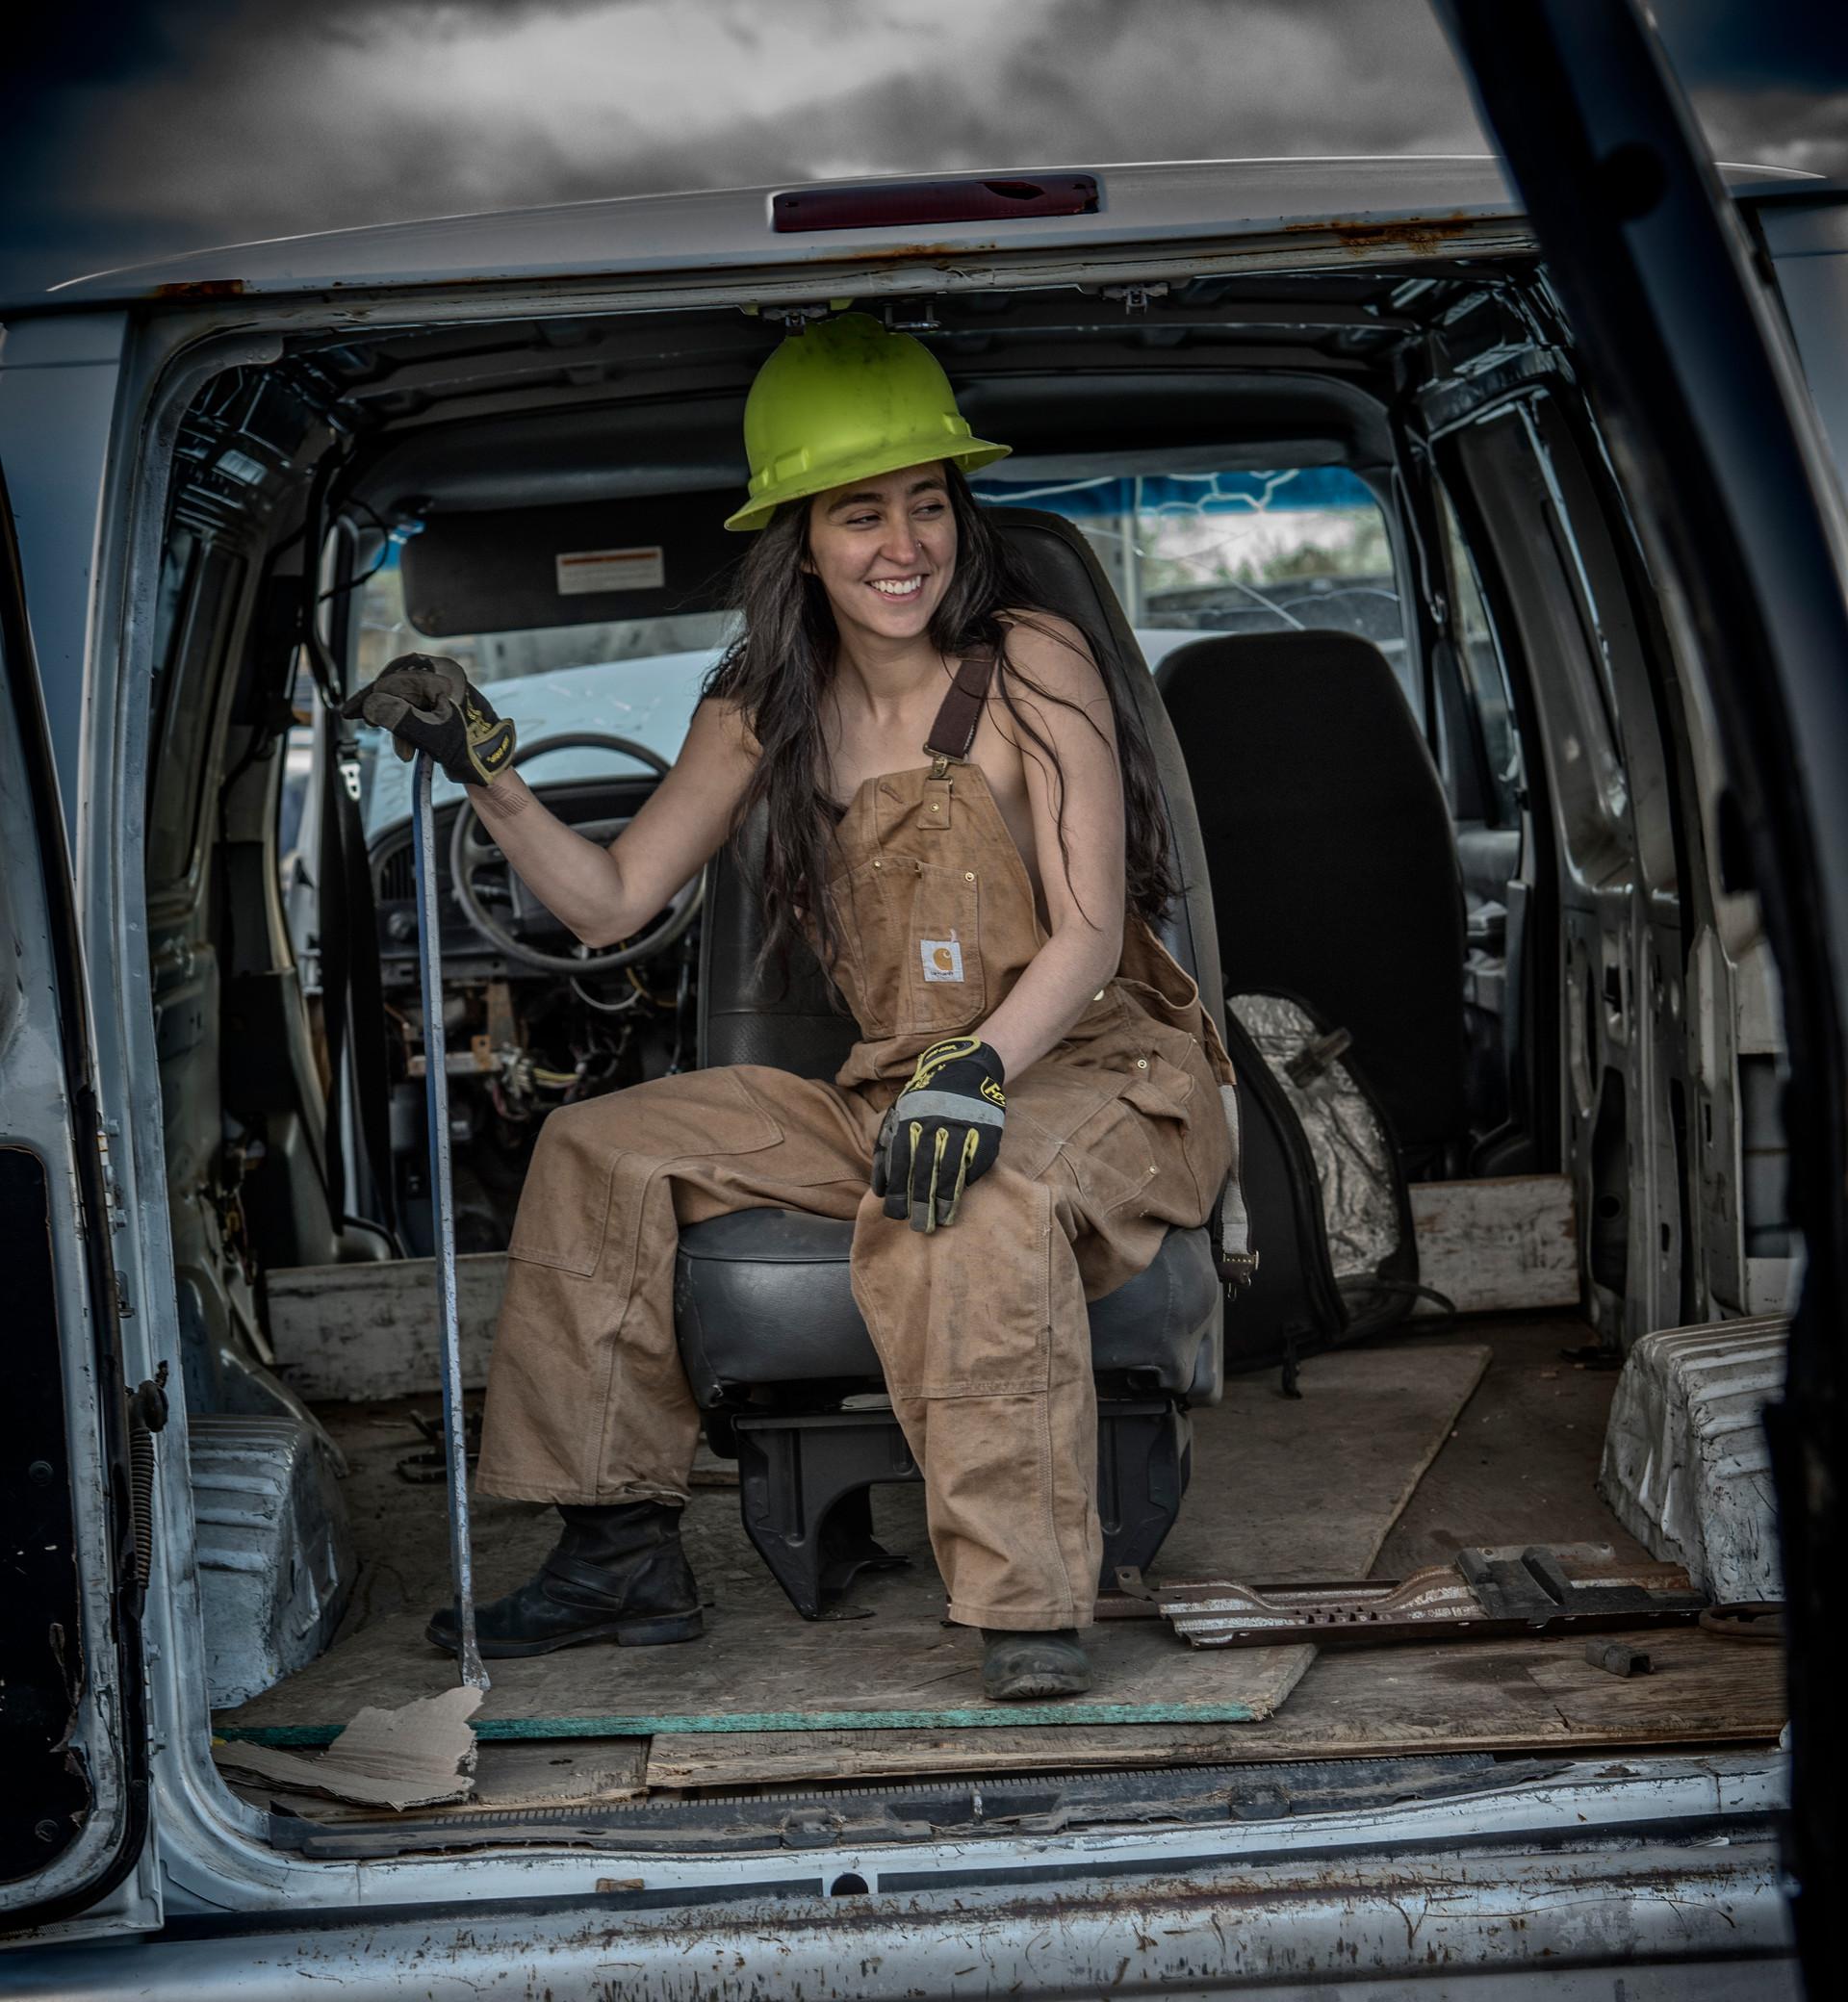 Jordan in the van.jpg